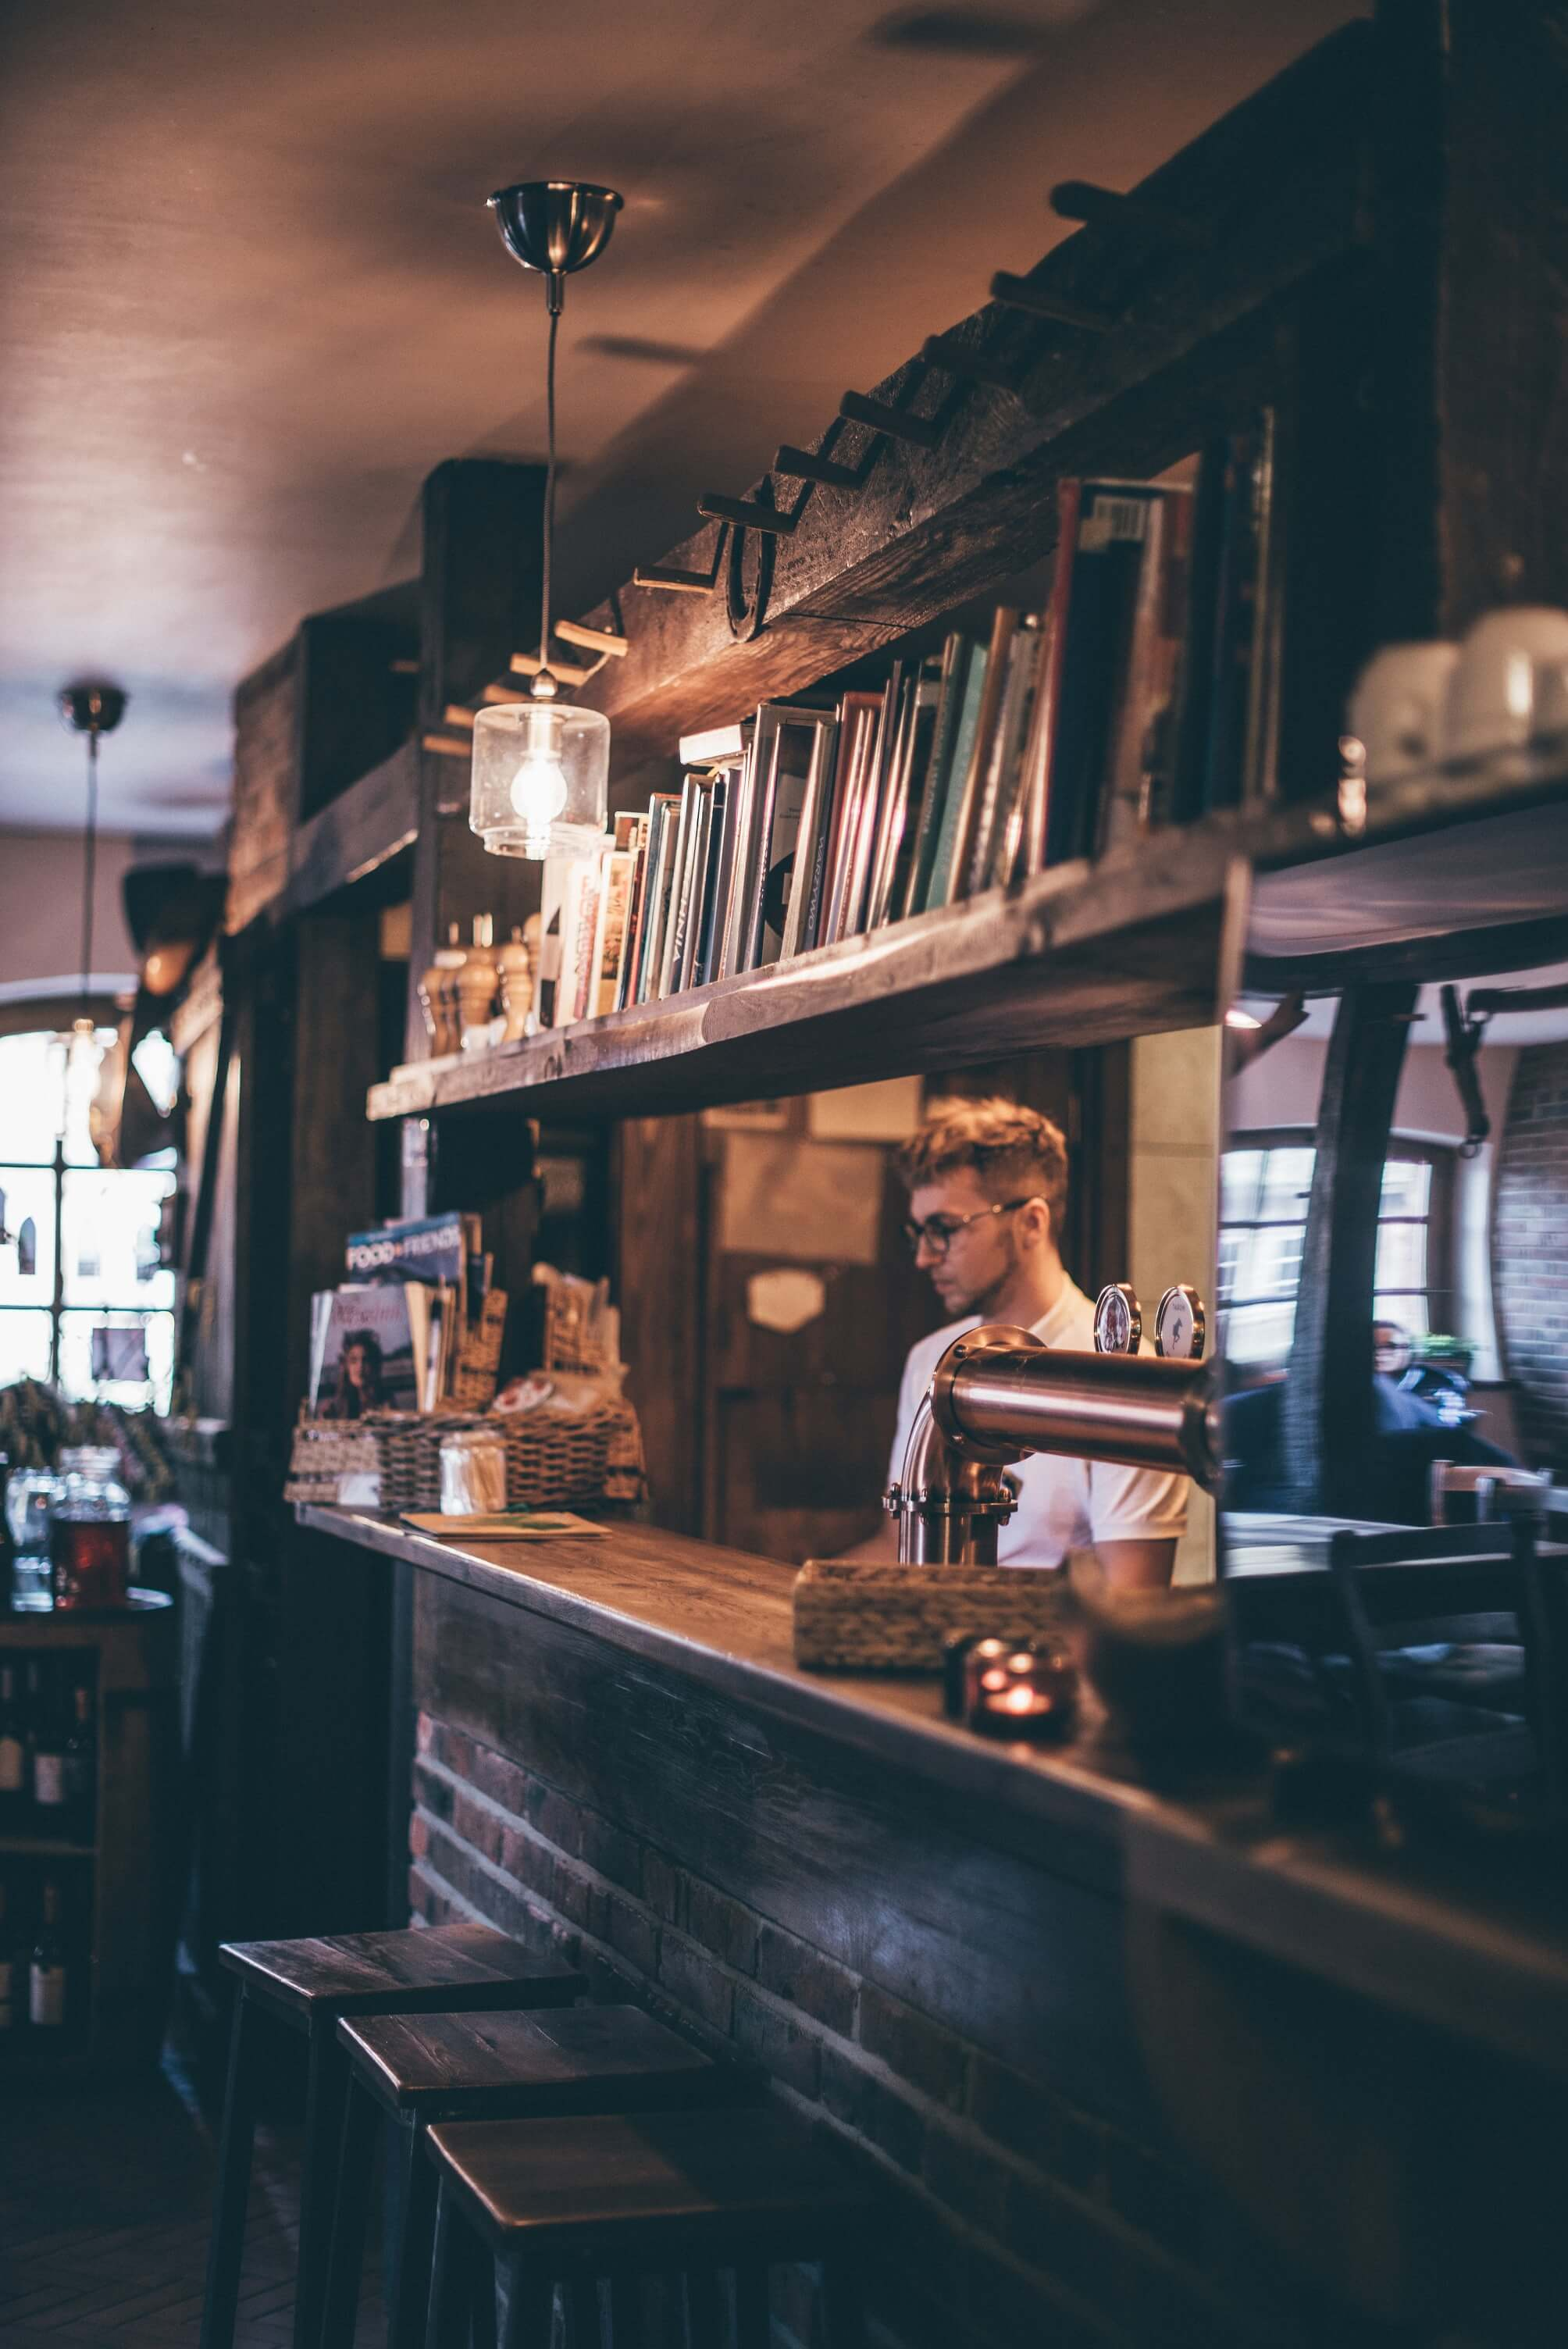 tabun 1 28 1 - Escape from the city - Tabun restaurant